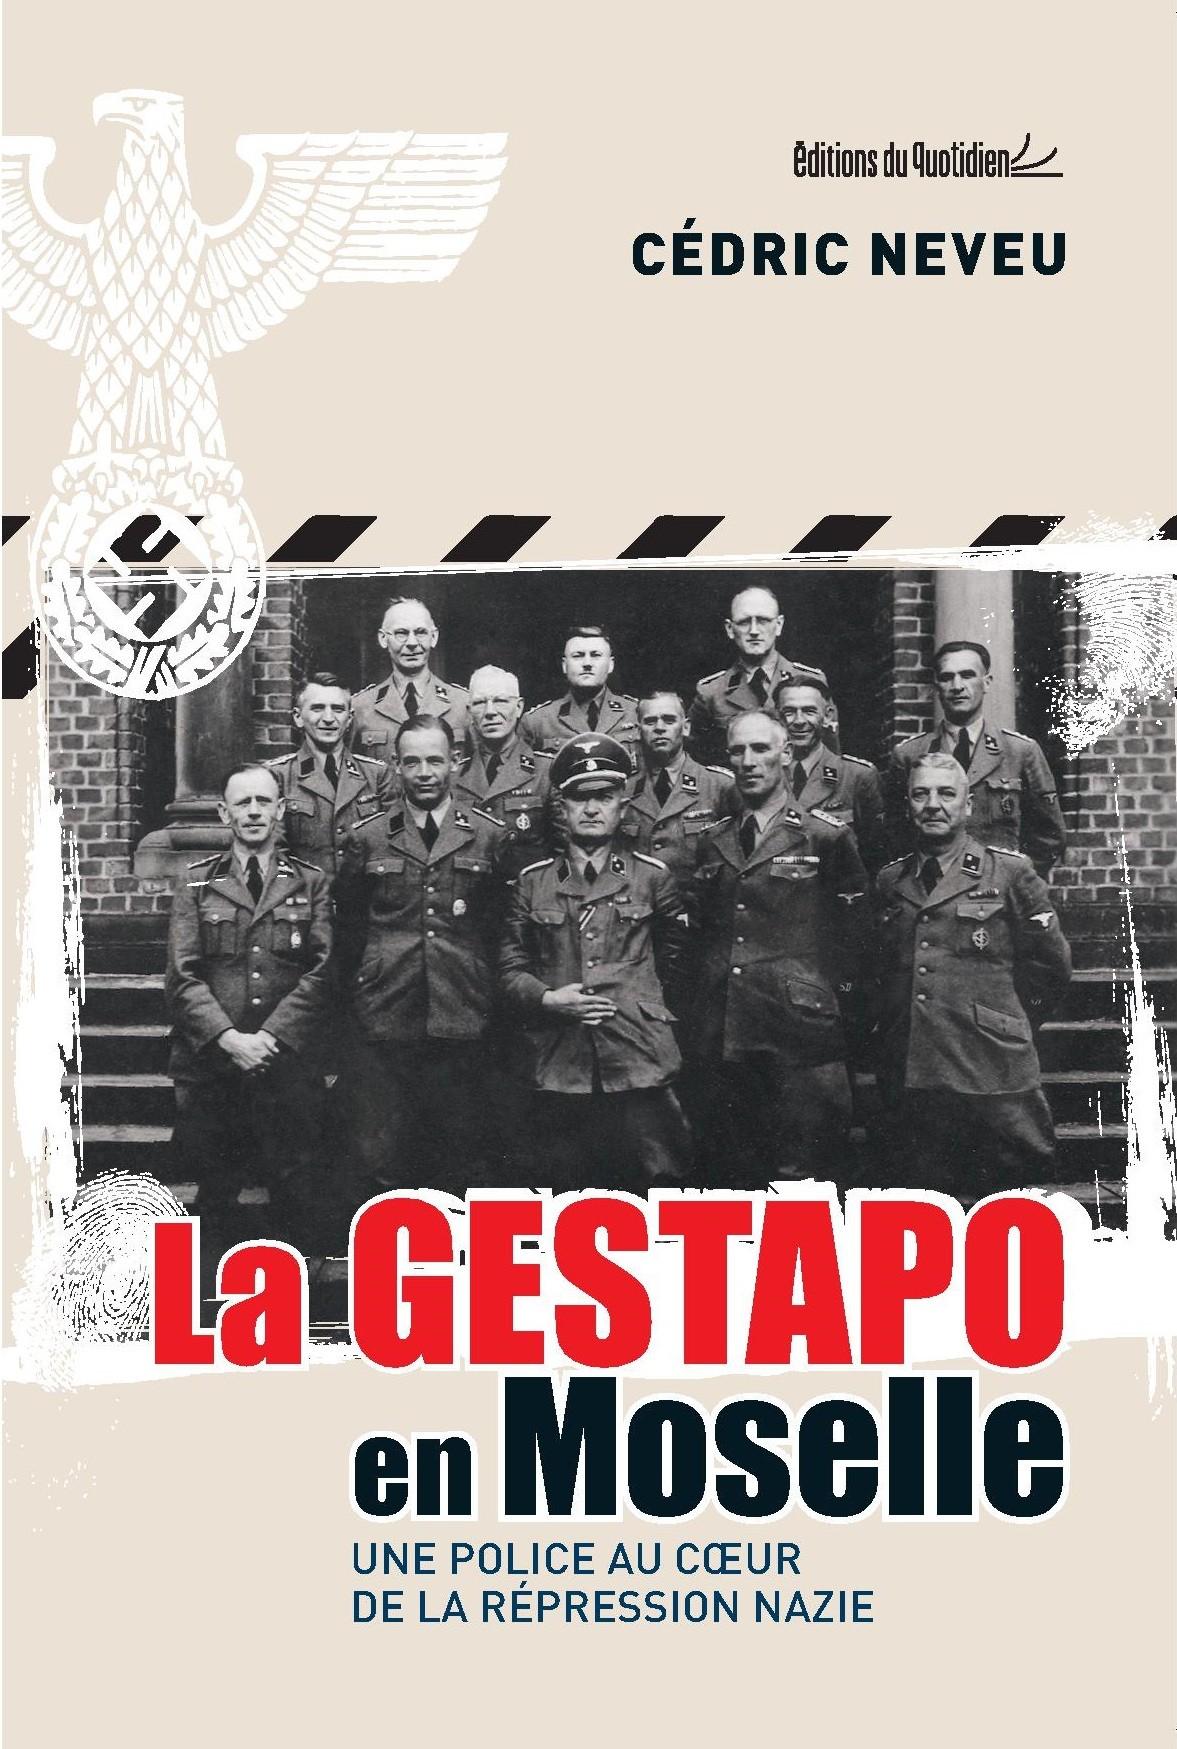 La Gestapo en Moselle : Une police au coeur de la répression nazie